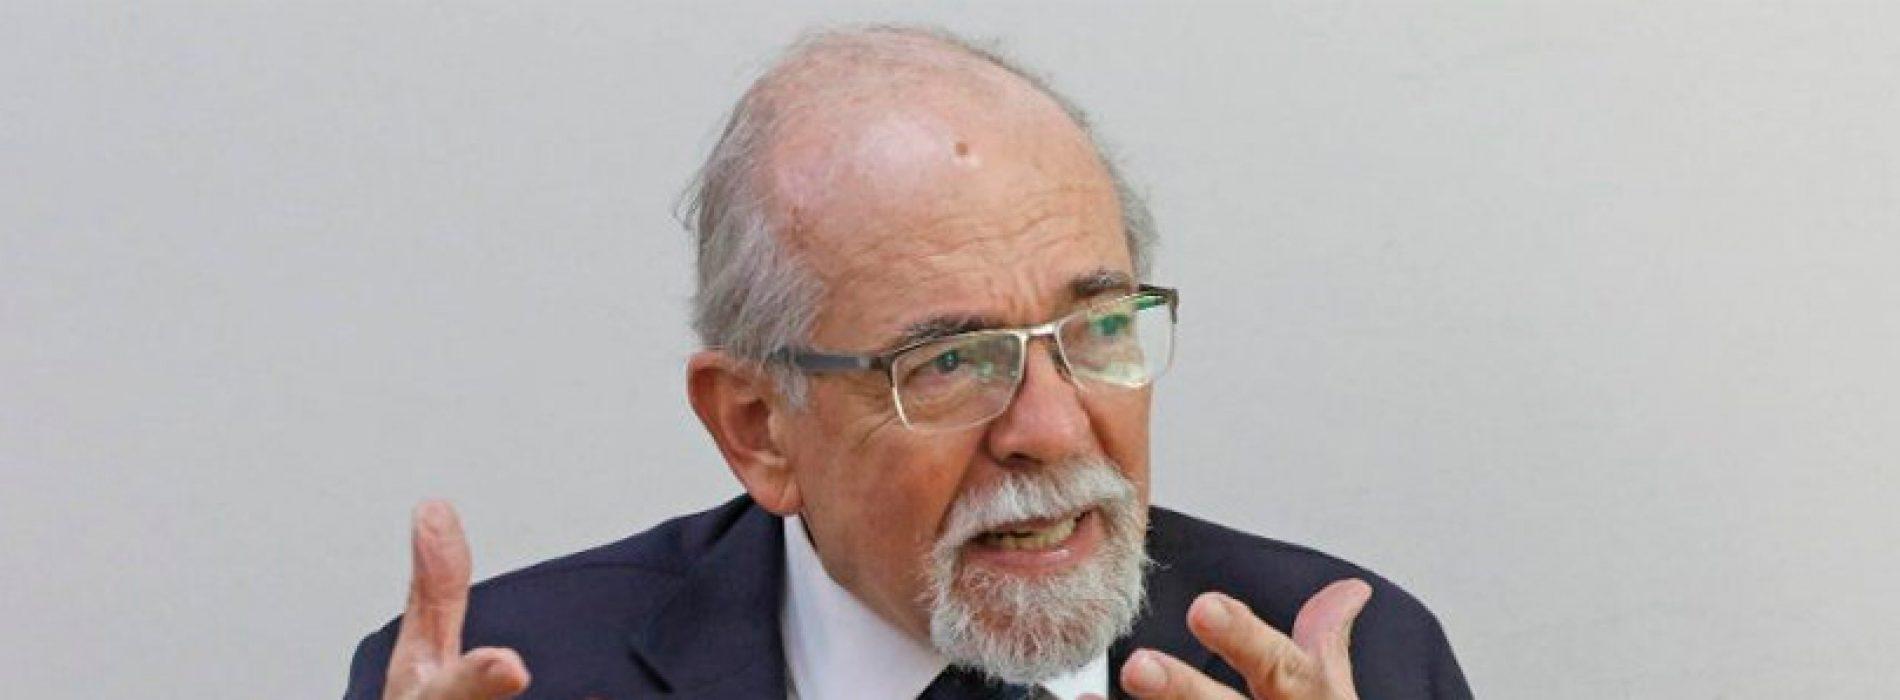 """José Maza: """"La viga maestra para el desarrollo no es el cobre, es la inteligencia de los 17 millones"""""""